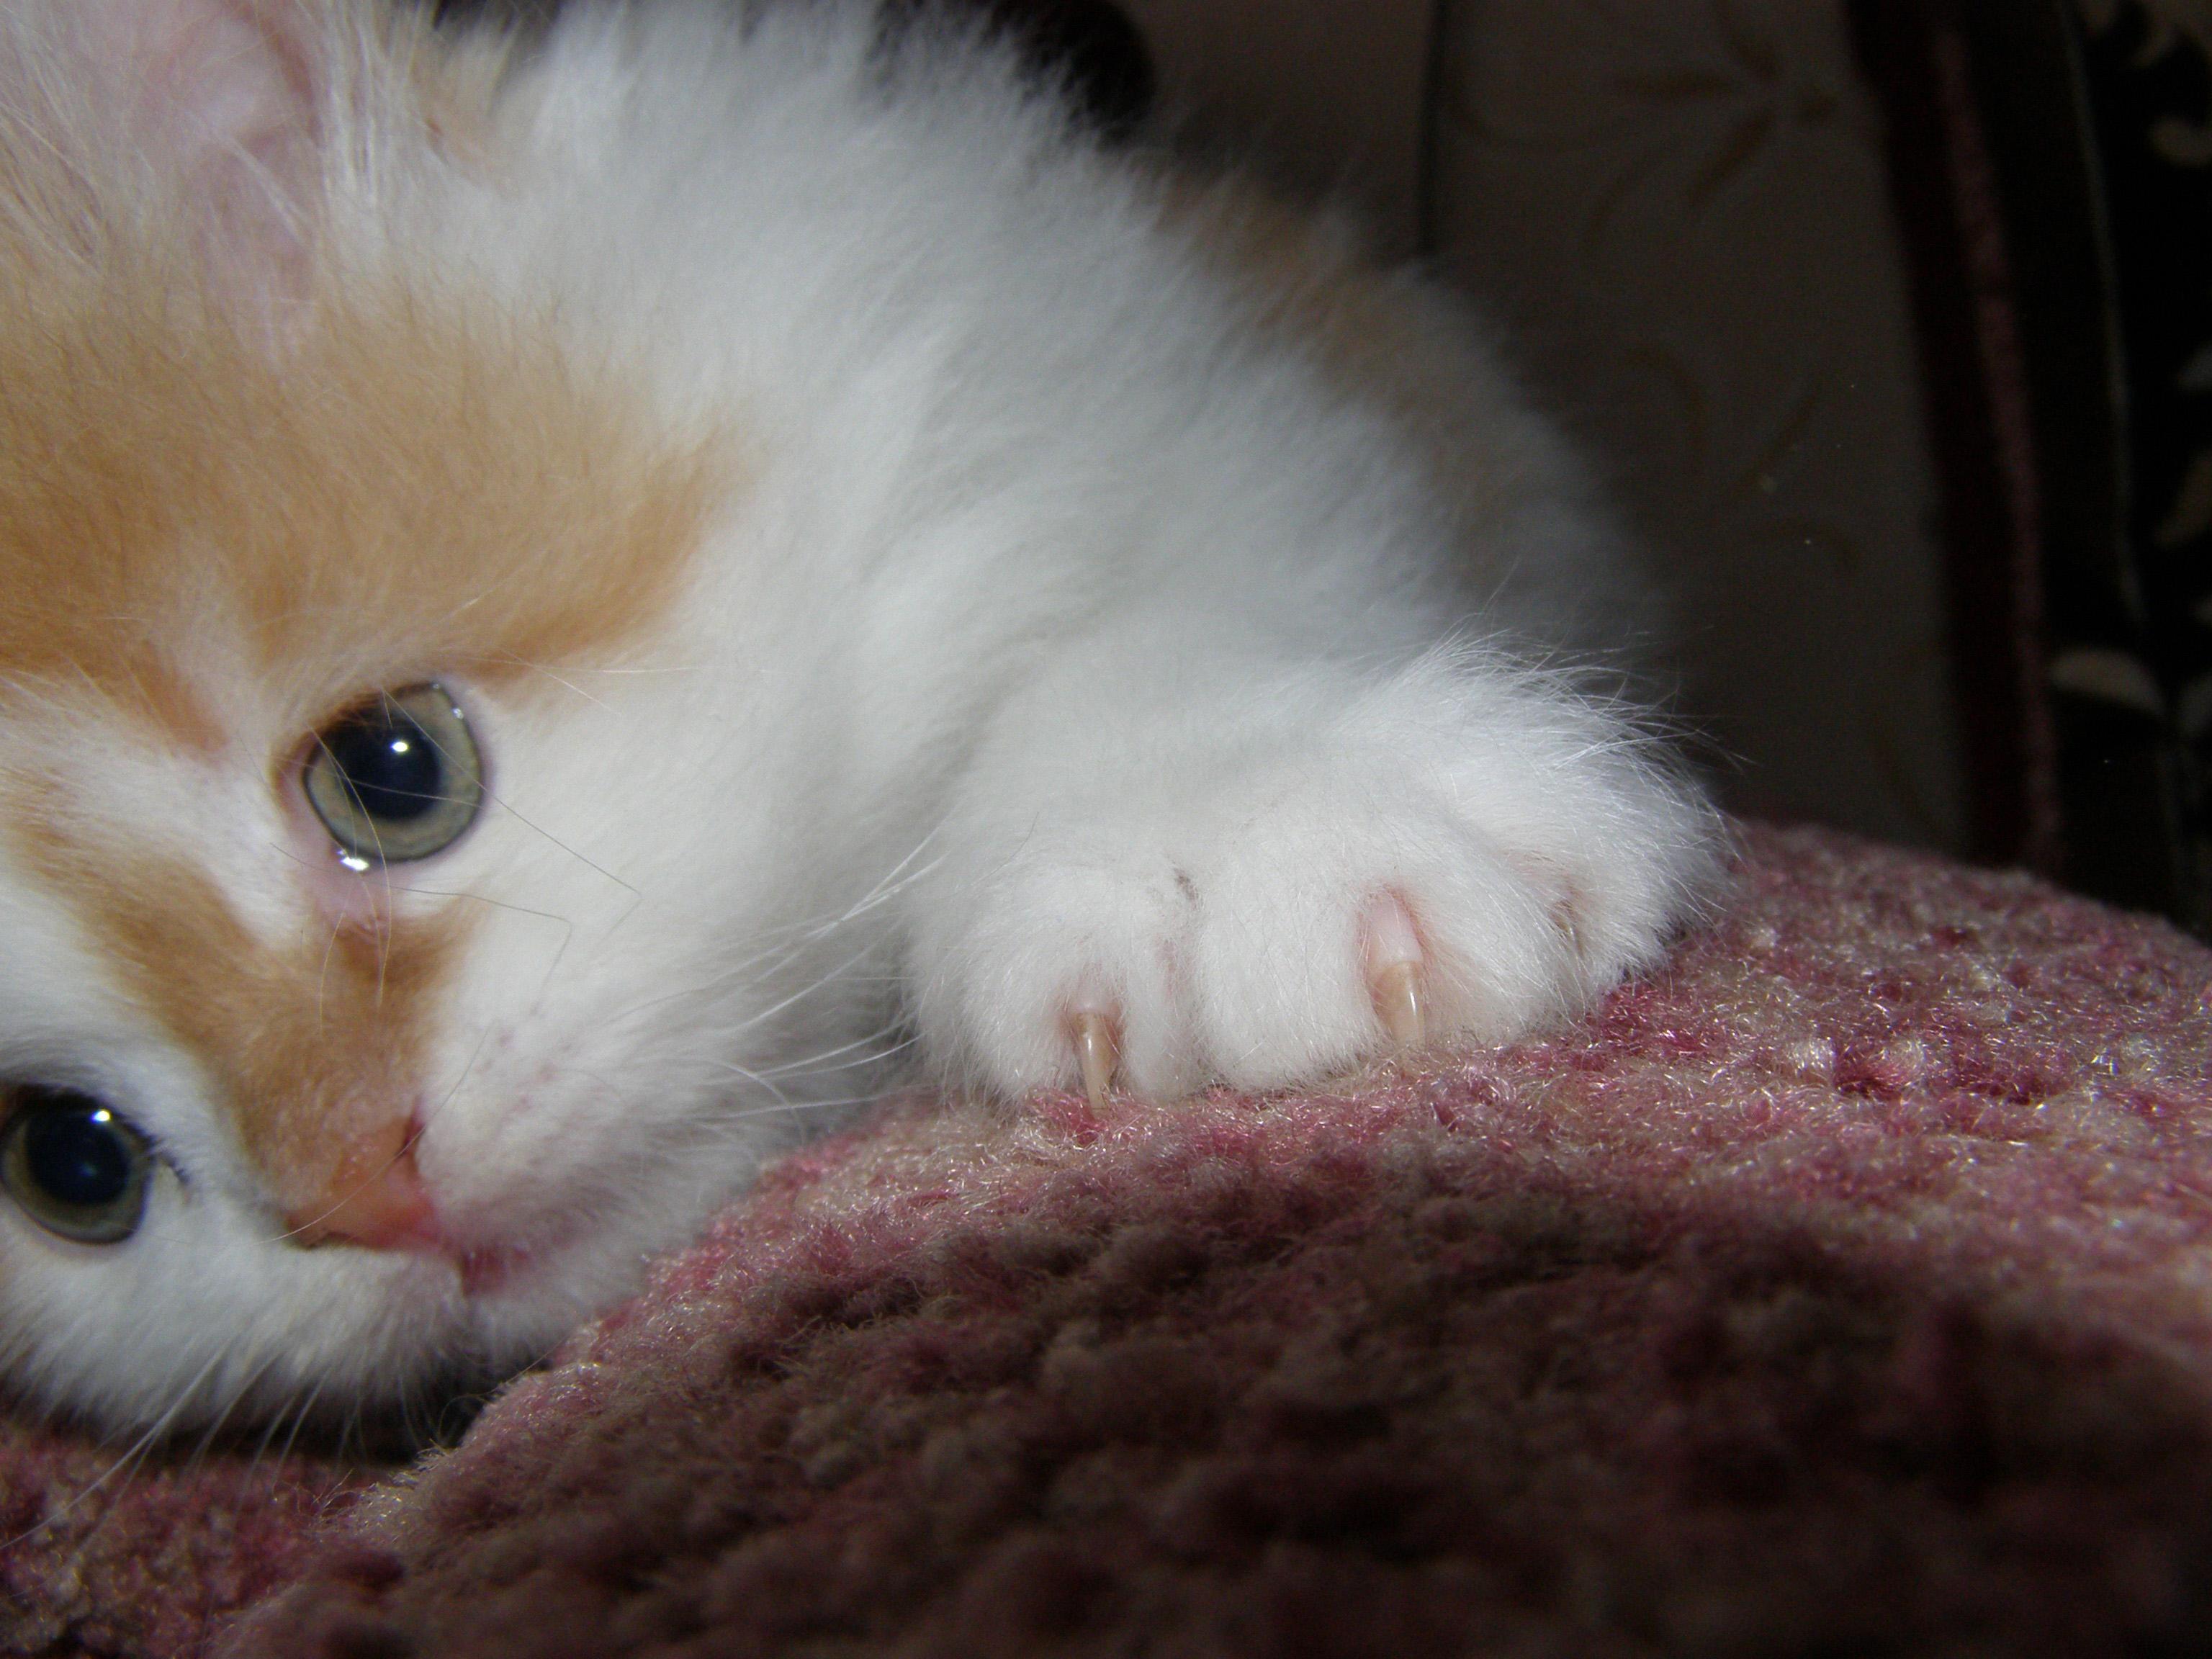 даю, картинки грустного плачущего котенка вообще можно